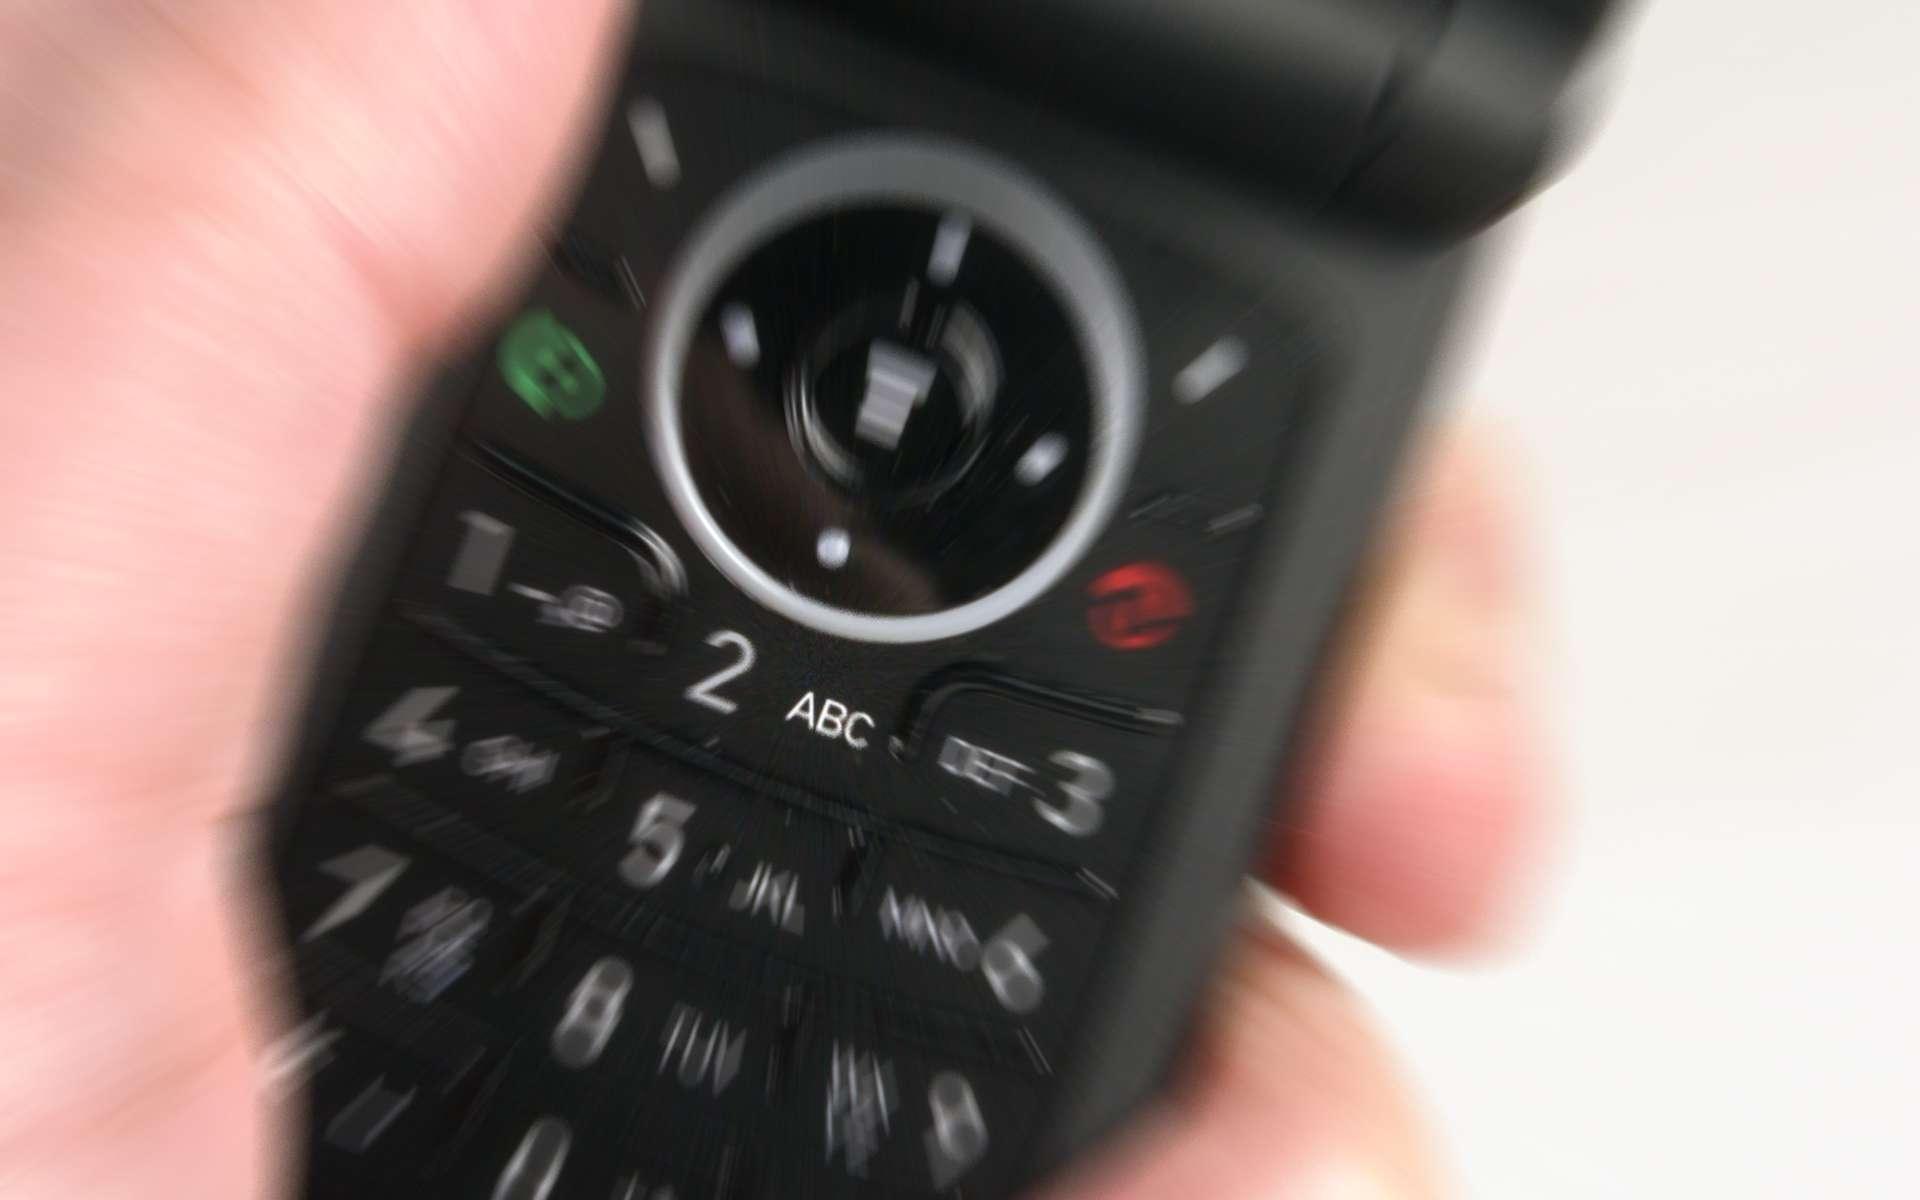 Outil révolutionnaire, danger pour notre cerveau ou les deux ? Quel regard doit-on porter sur nos téléphones portables ? La question du risque d'apparition de tumeurs ne semble pas près d'être tranchée par les scientifiques. © Ronfromyork, StockFreeImages.com